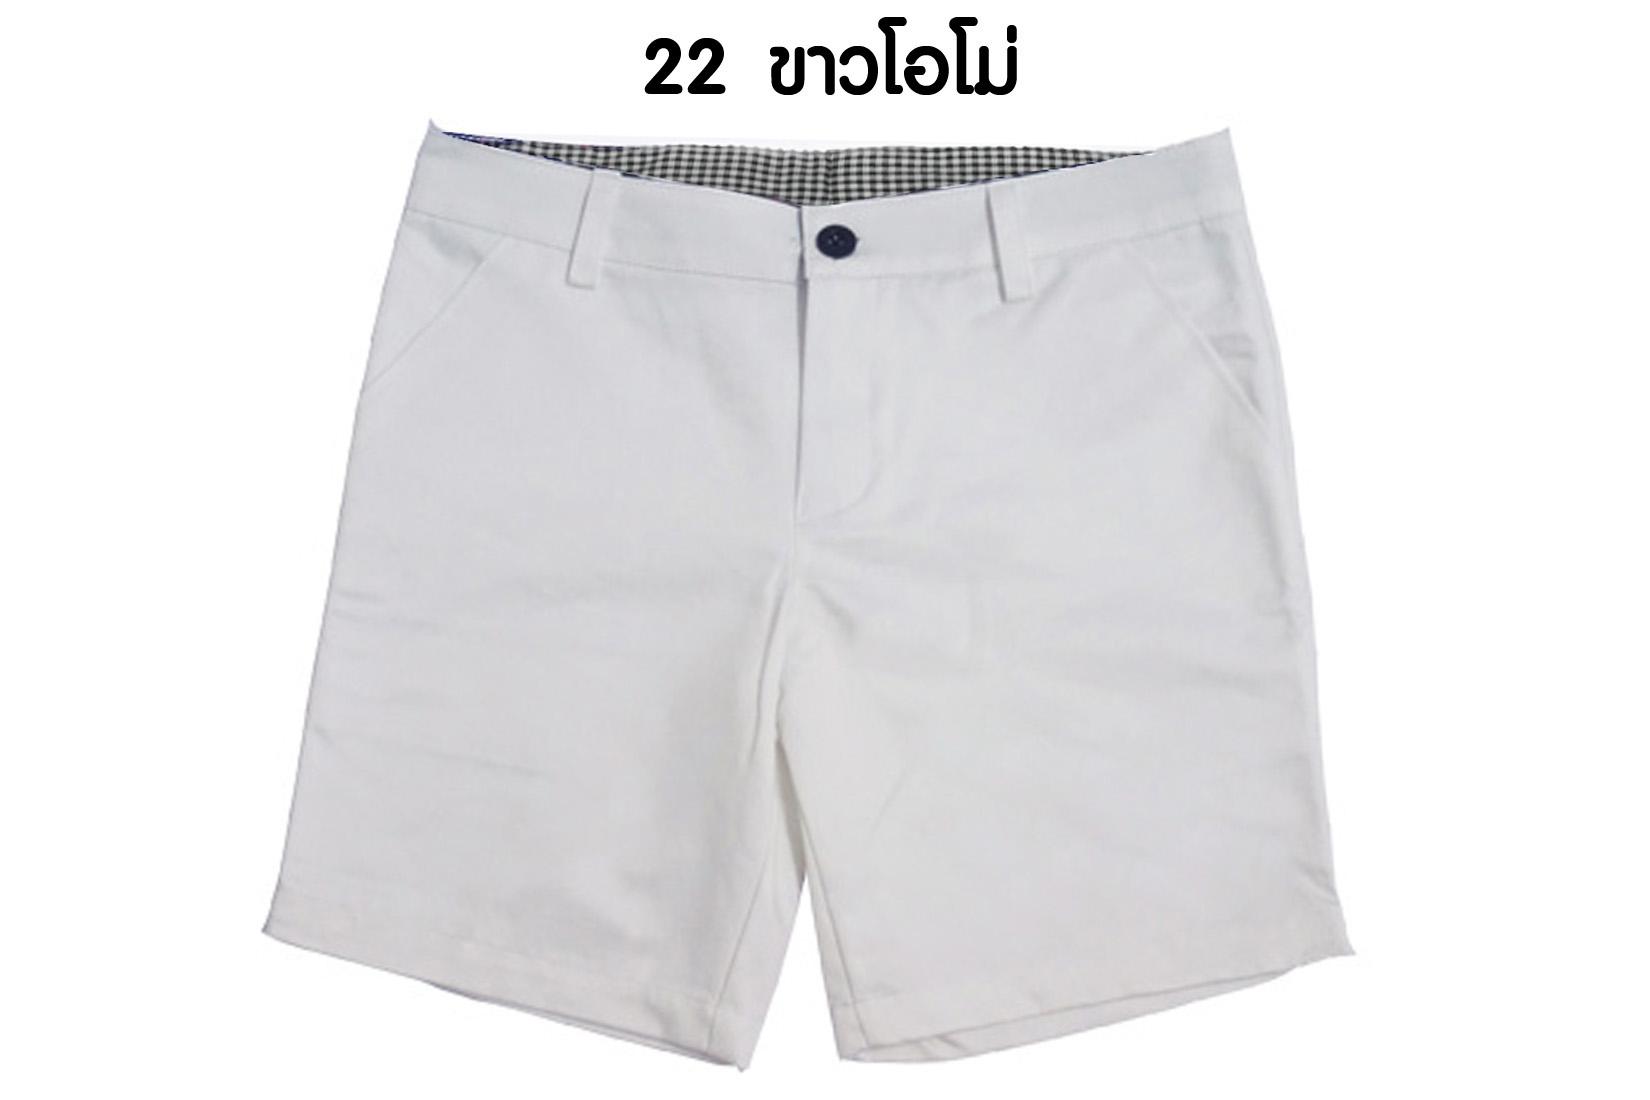 กางเกงขาสั้น รุ่น 522 (สีขาวโอโม่)